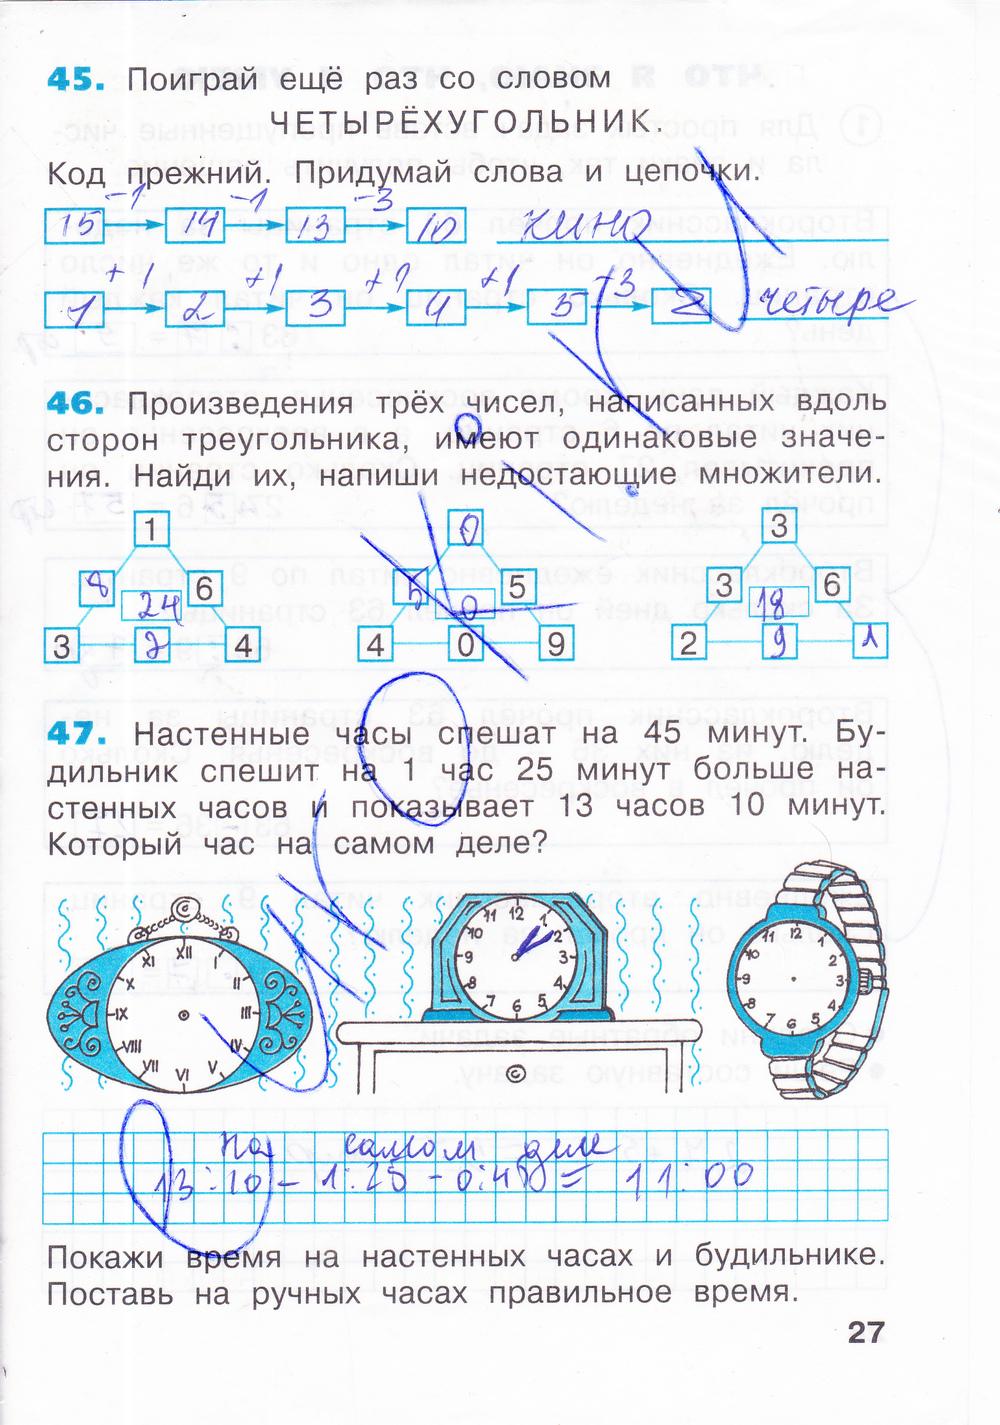 класс тетрадь часть по 2 3 итина рабочая математике решебник бененсон